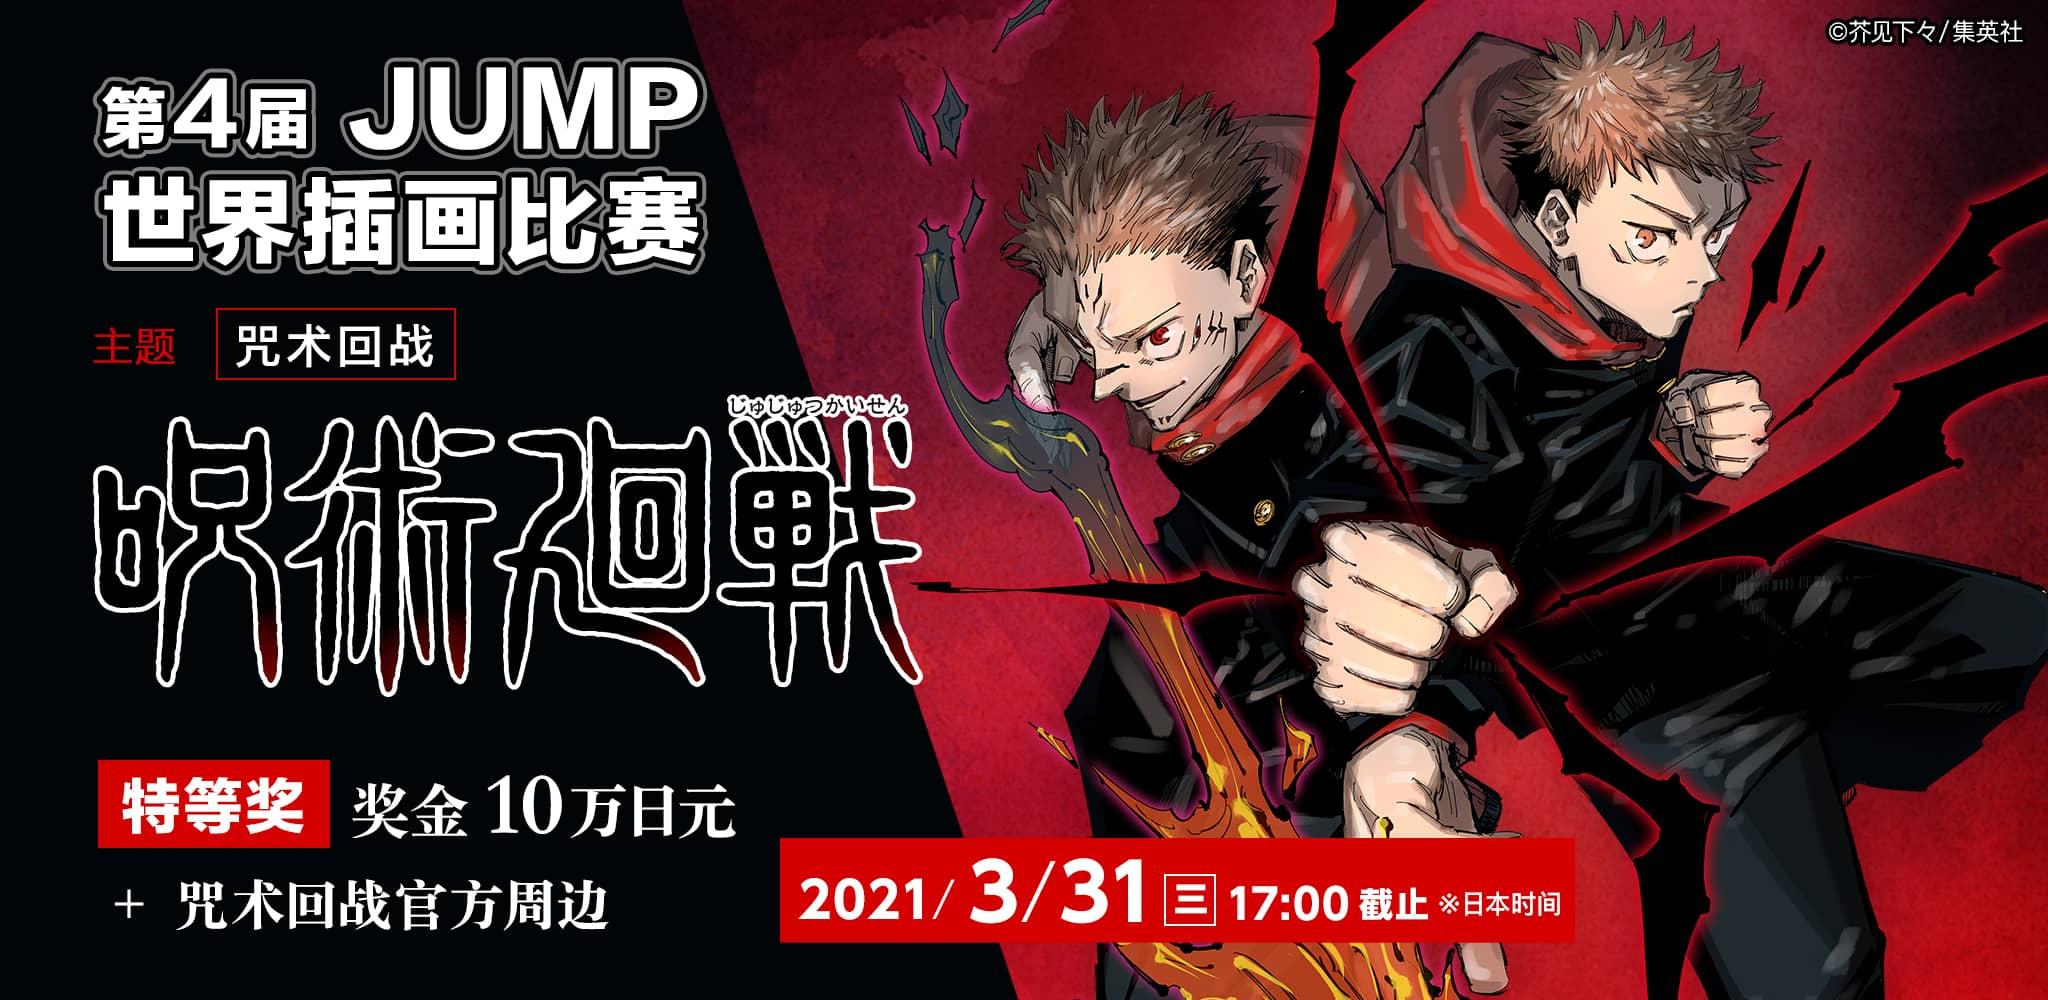 第4届 JUMP世界插画比赛 主题: 咒术回战